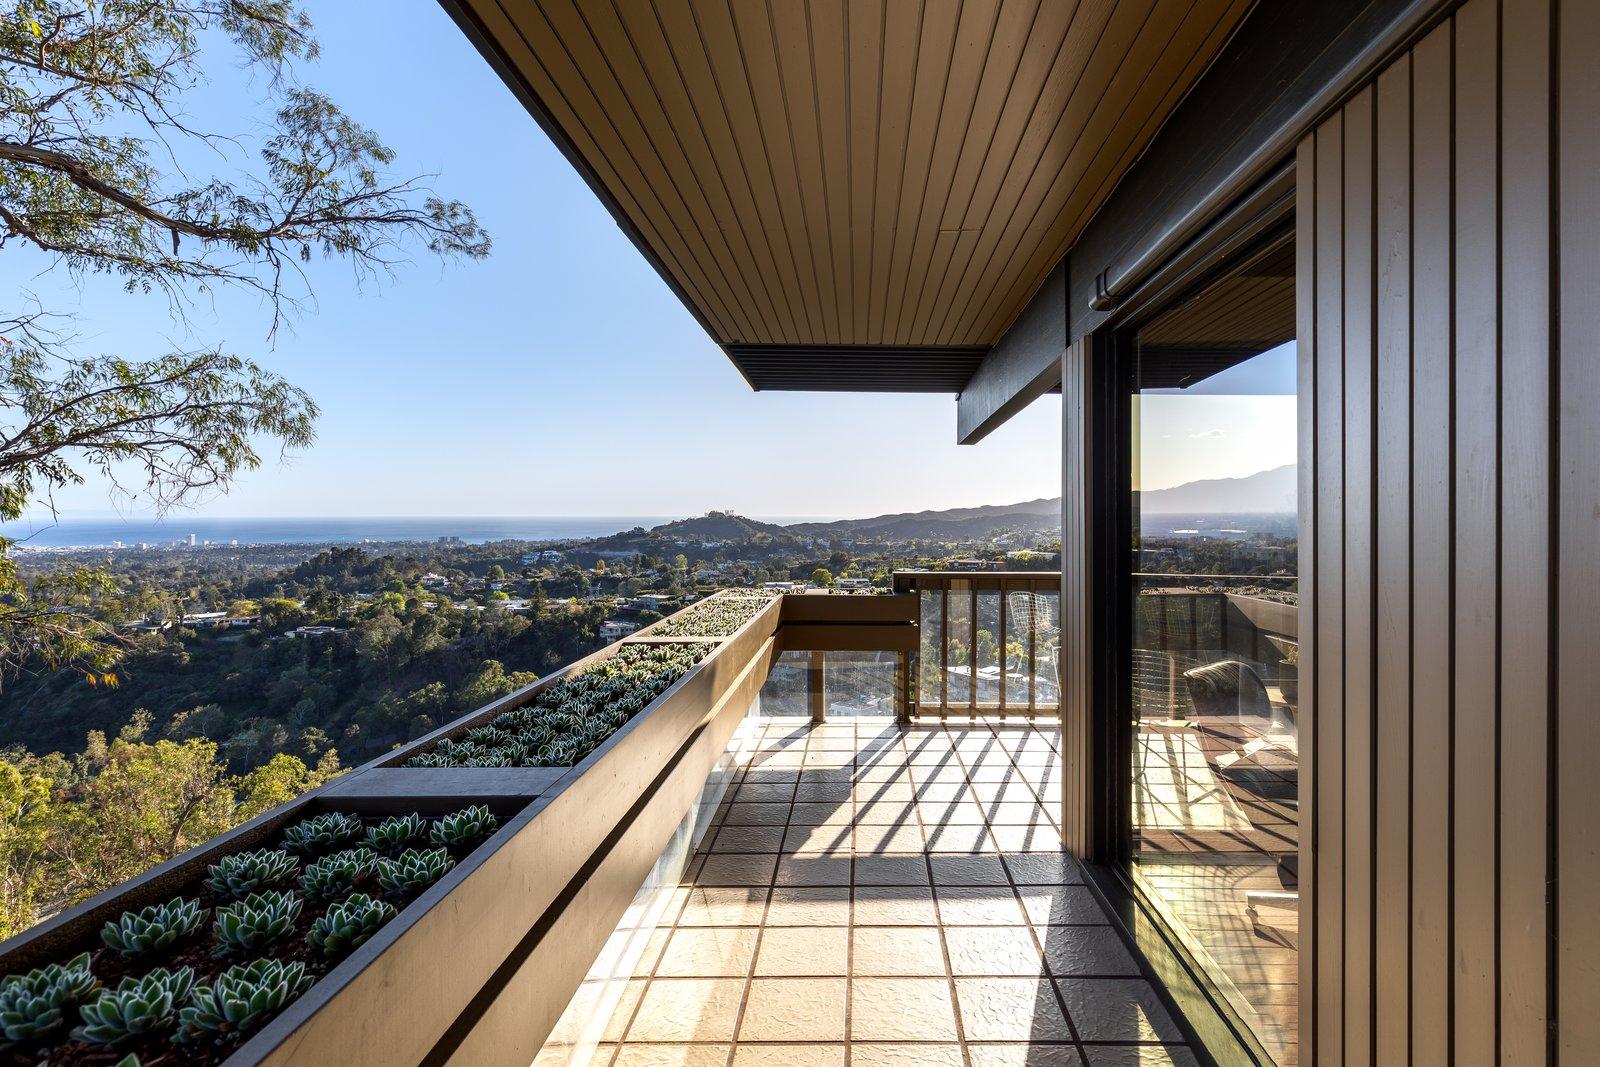 Franks House balcony